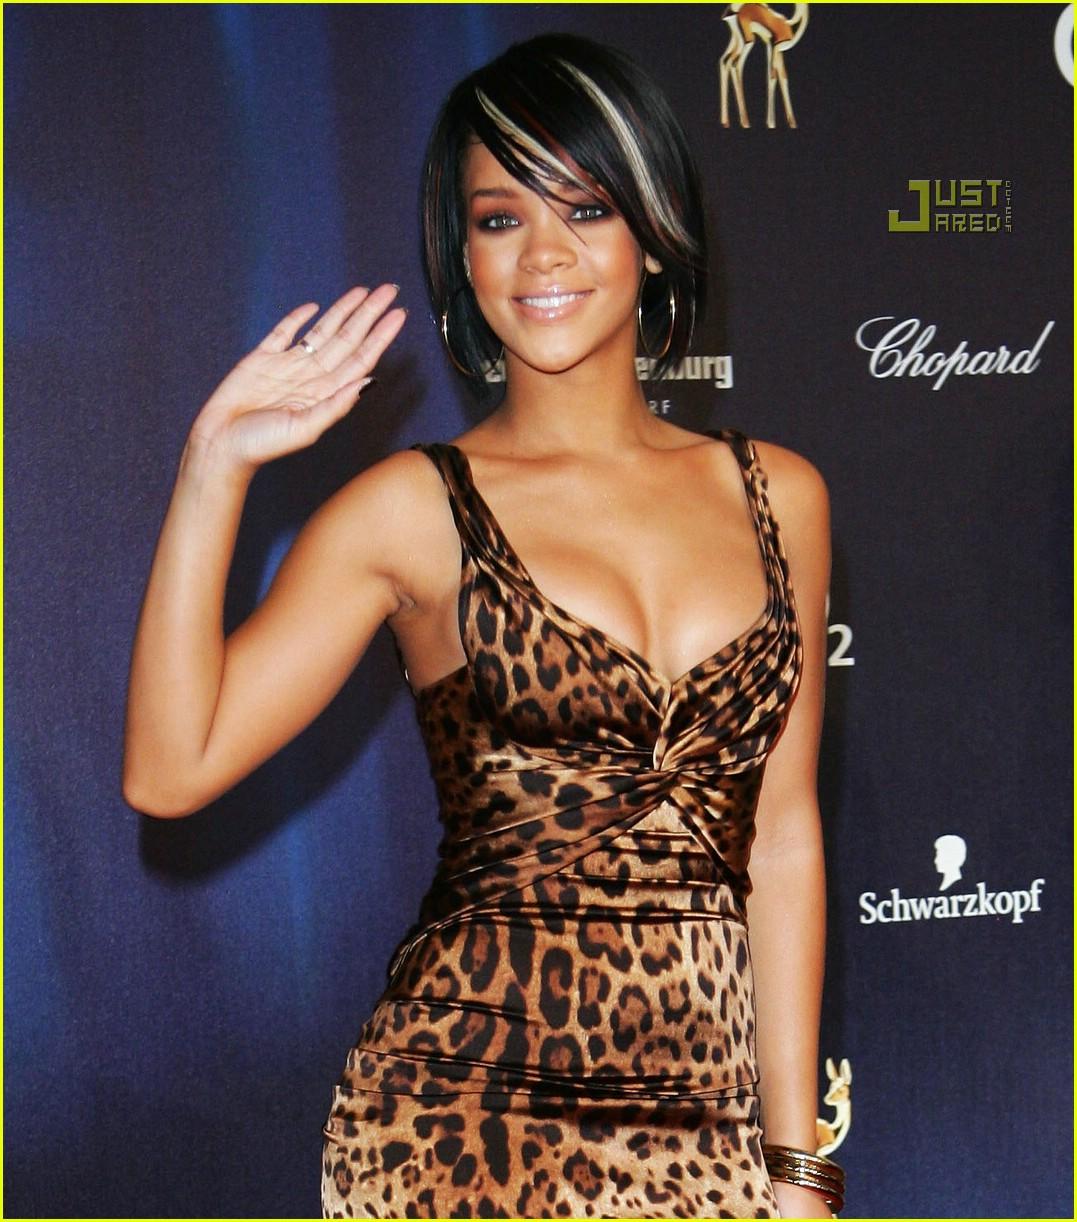 http://1.bp.blogspot.com/_nO3Qsv16nVA/R1A5yF92uLI/AAAAAAAAAx8/ezWPfvn_6Mg/s1600-R/rihanna-bambi-awards-2007-11.jpg